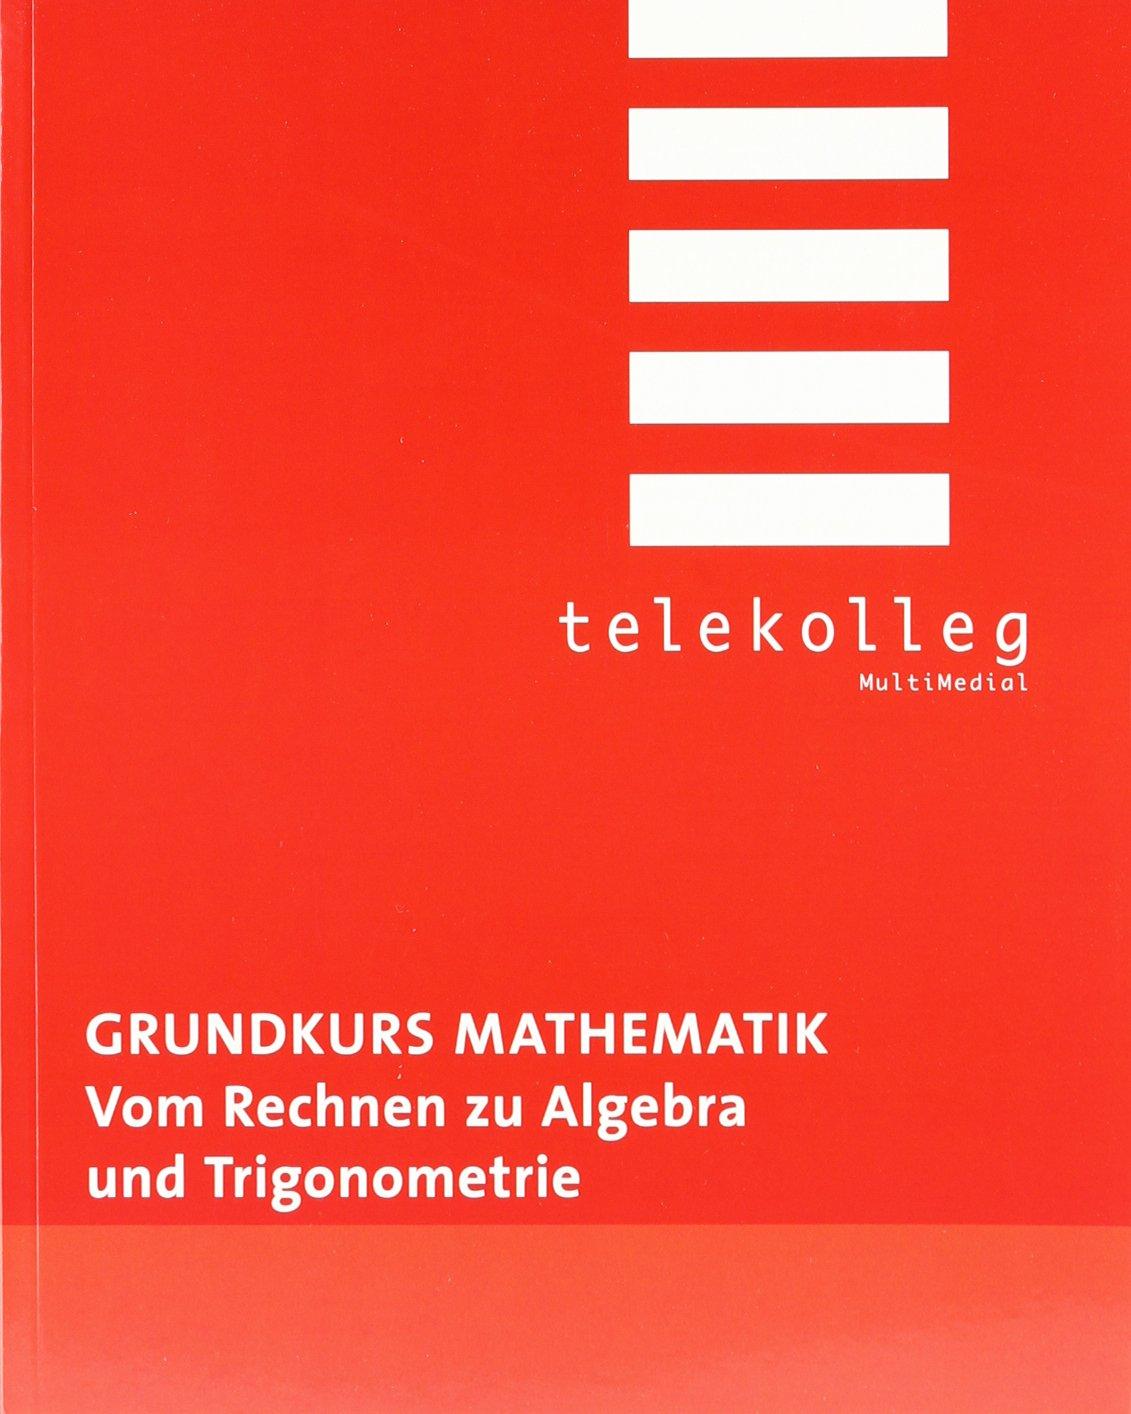 Grundkurs Mathematik. Vom Rechnen zu Algebra und Trigonometrie: Telekolleg Mathematik